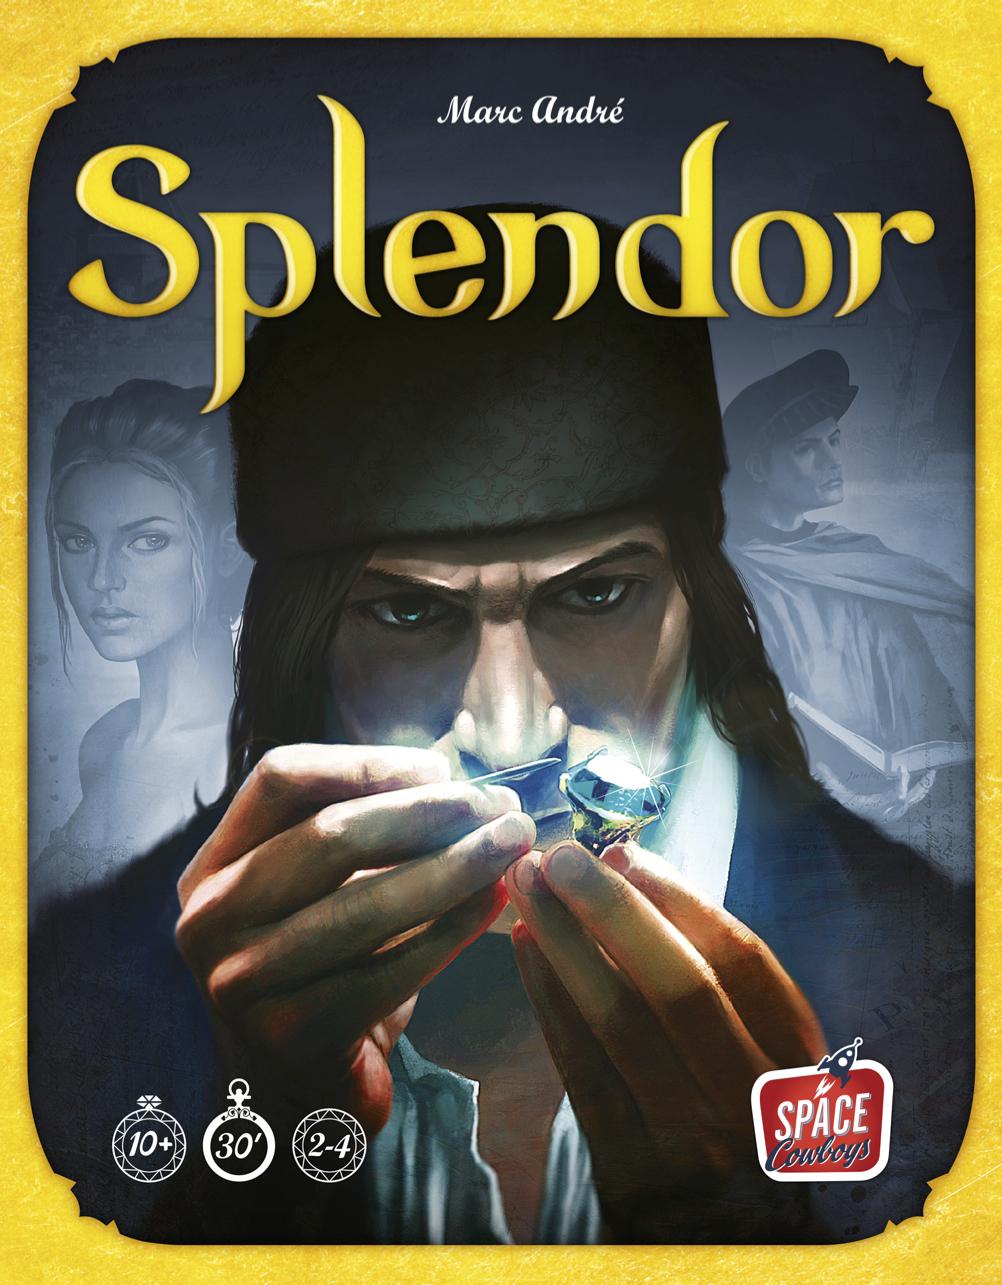 #5 Splendor